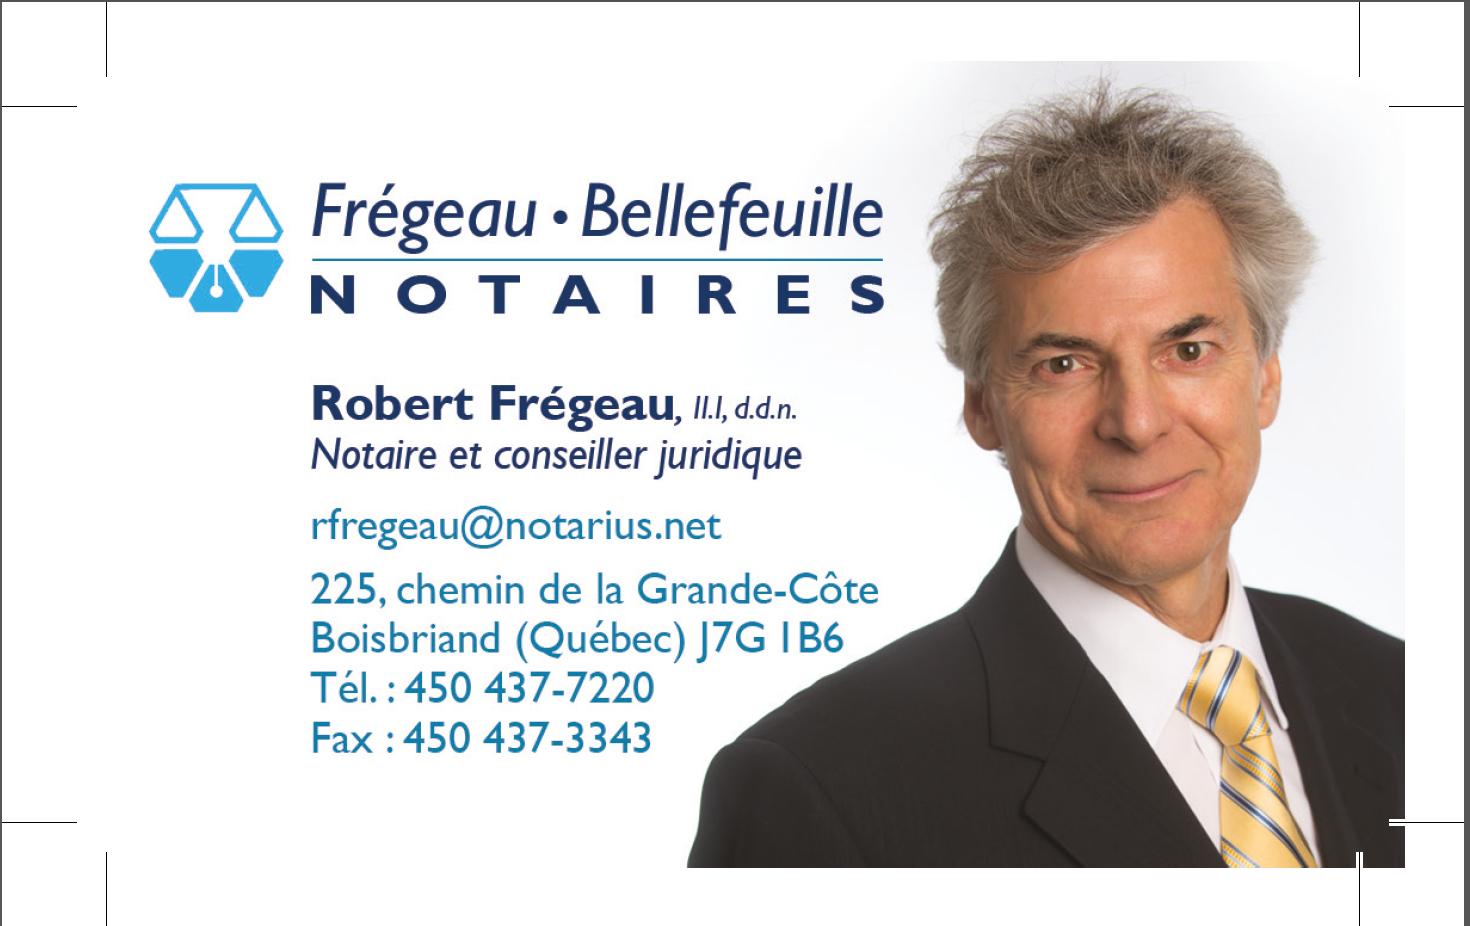 Frégeau & Bellefeuille Notaires Inc à Boisbriand